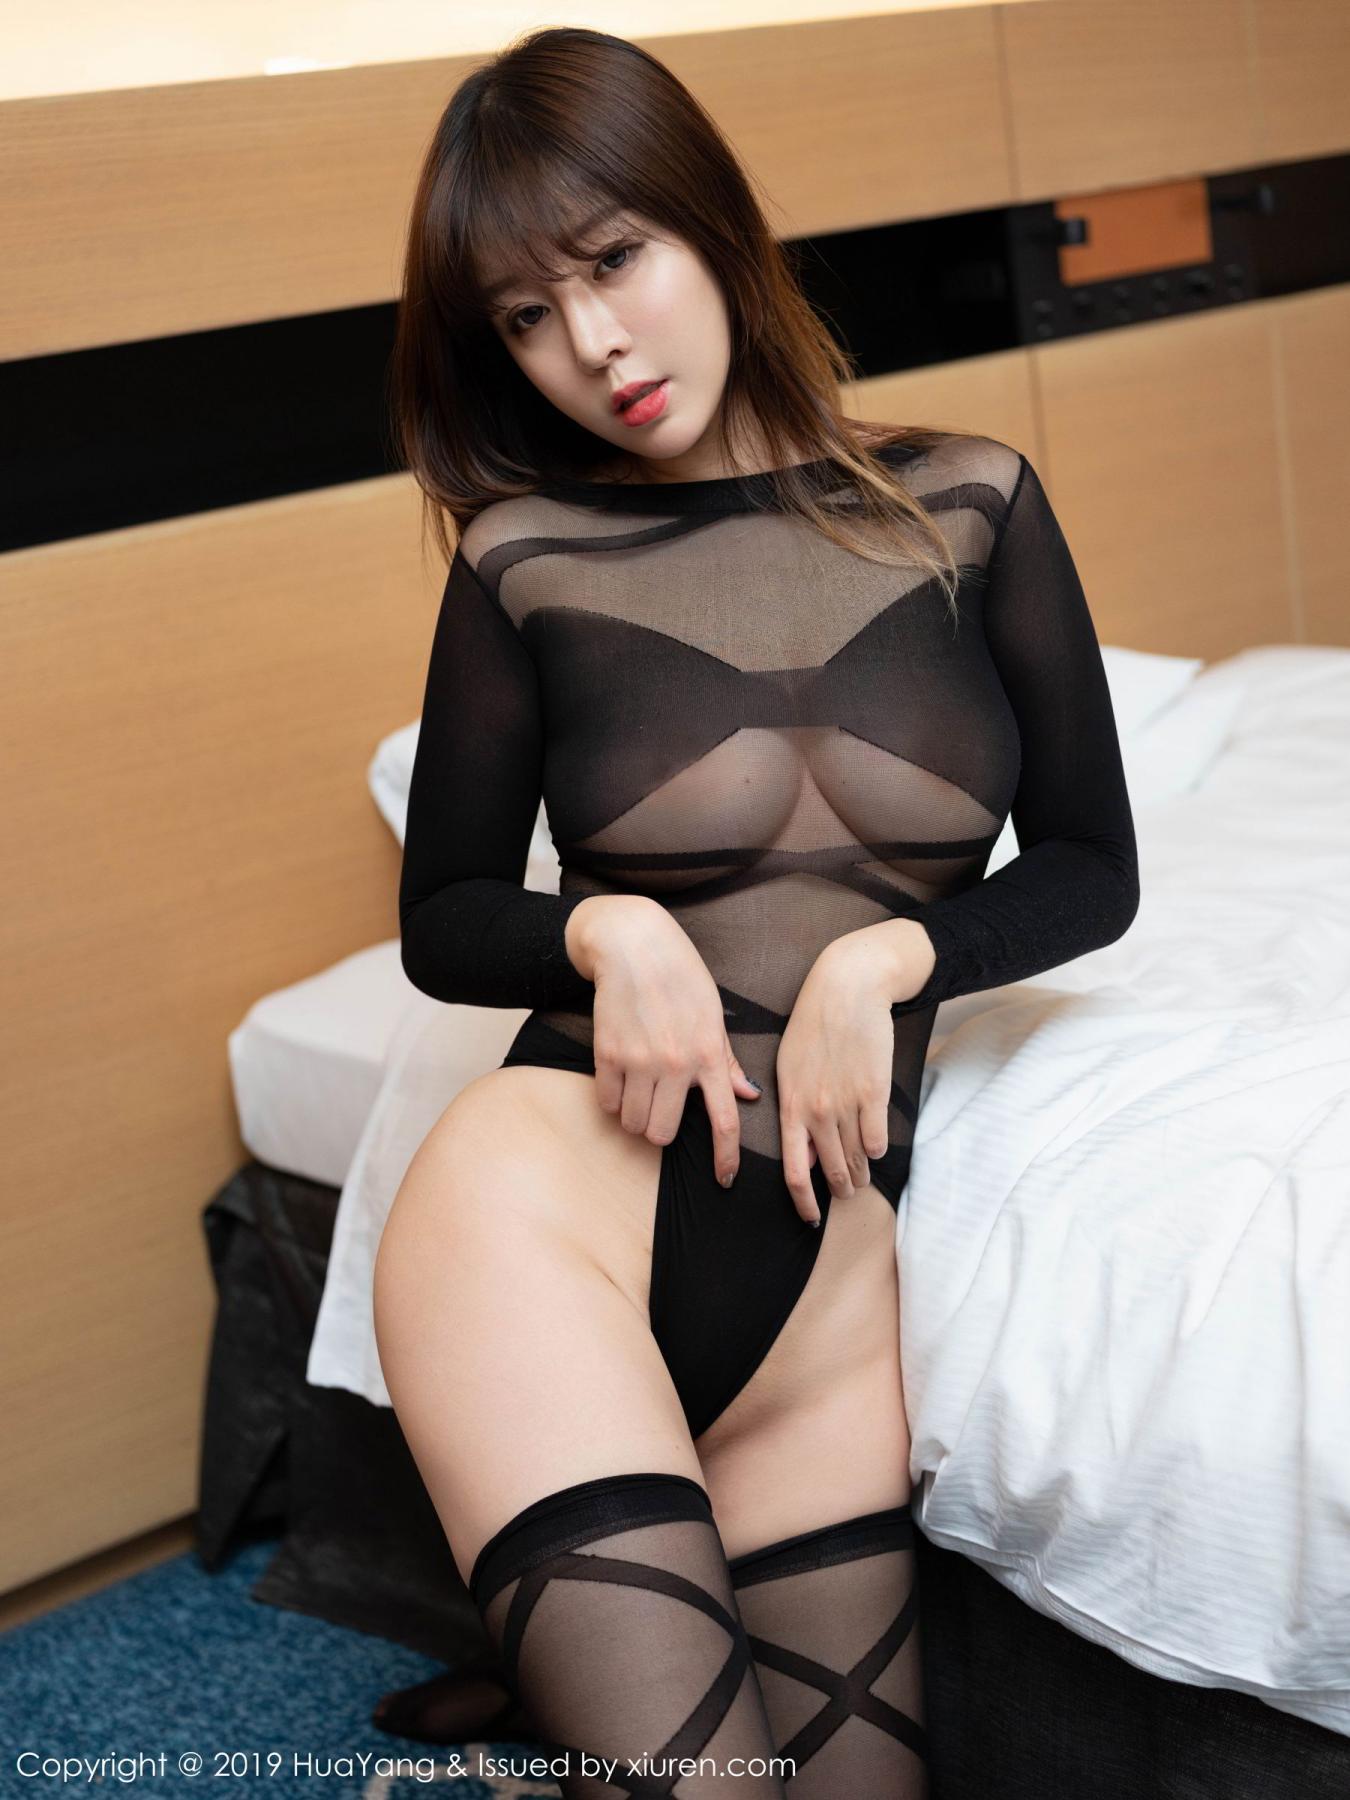 [Huayang] Vol.146 Wang Yu Chun 41P, HuaYang, Sexy, Underwear, Wang Yu Chun